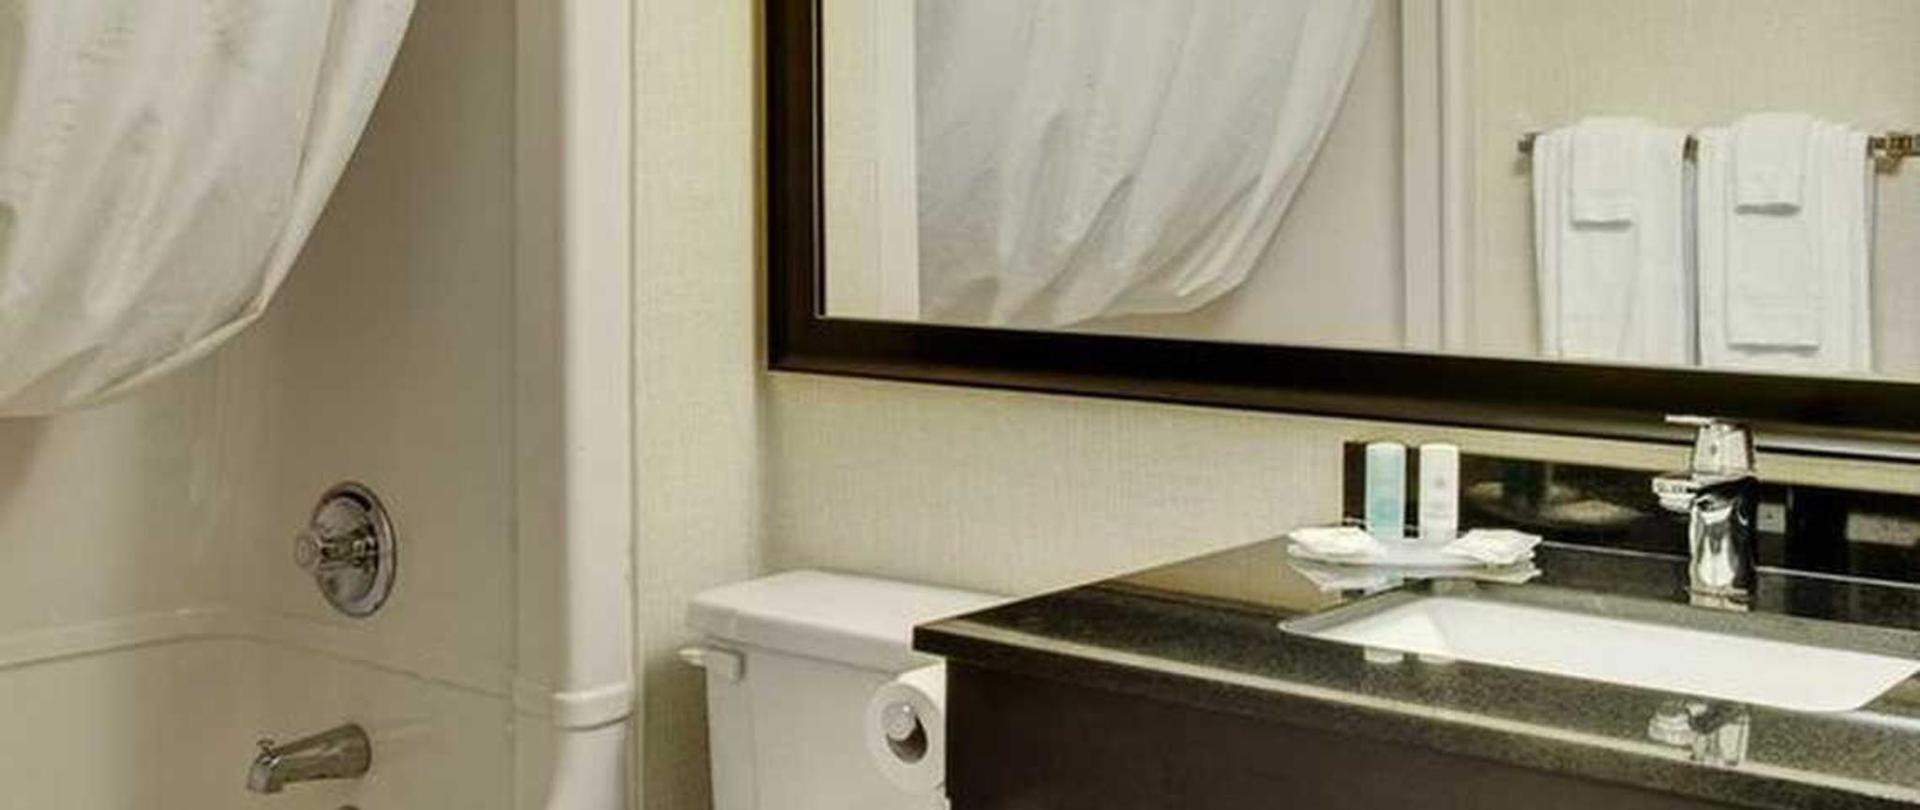 new-guestroom-bathroom-with-granite-vanity.jpg.1140x481_default.jpg